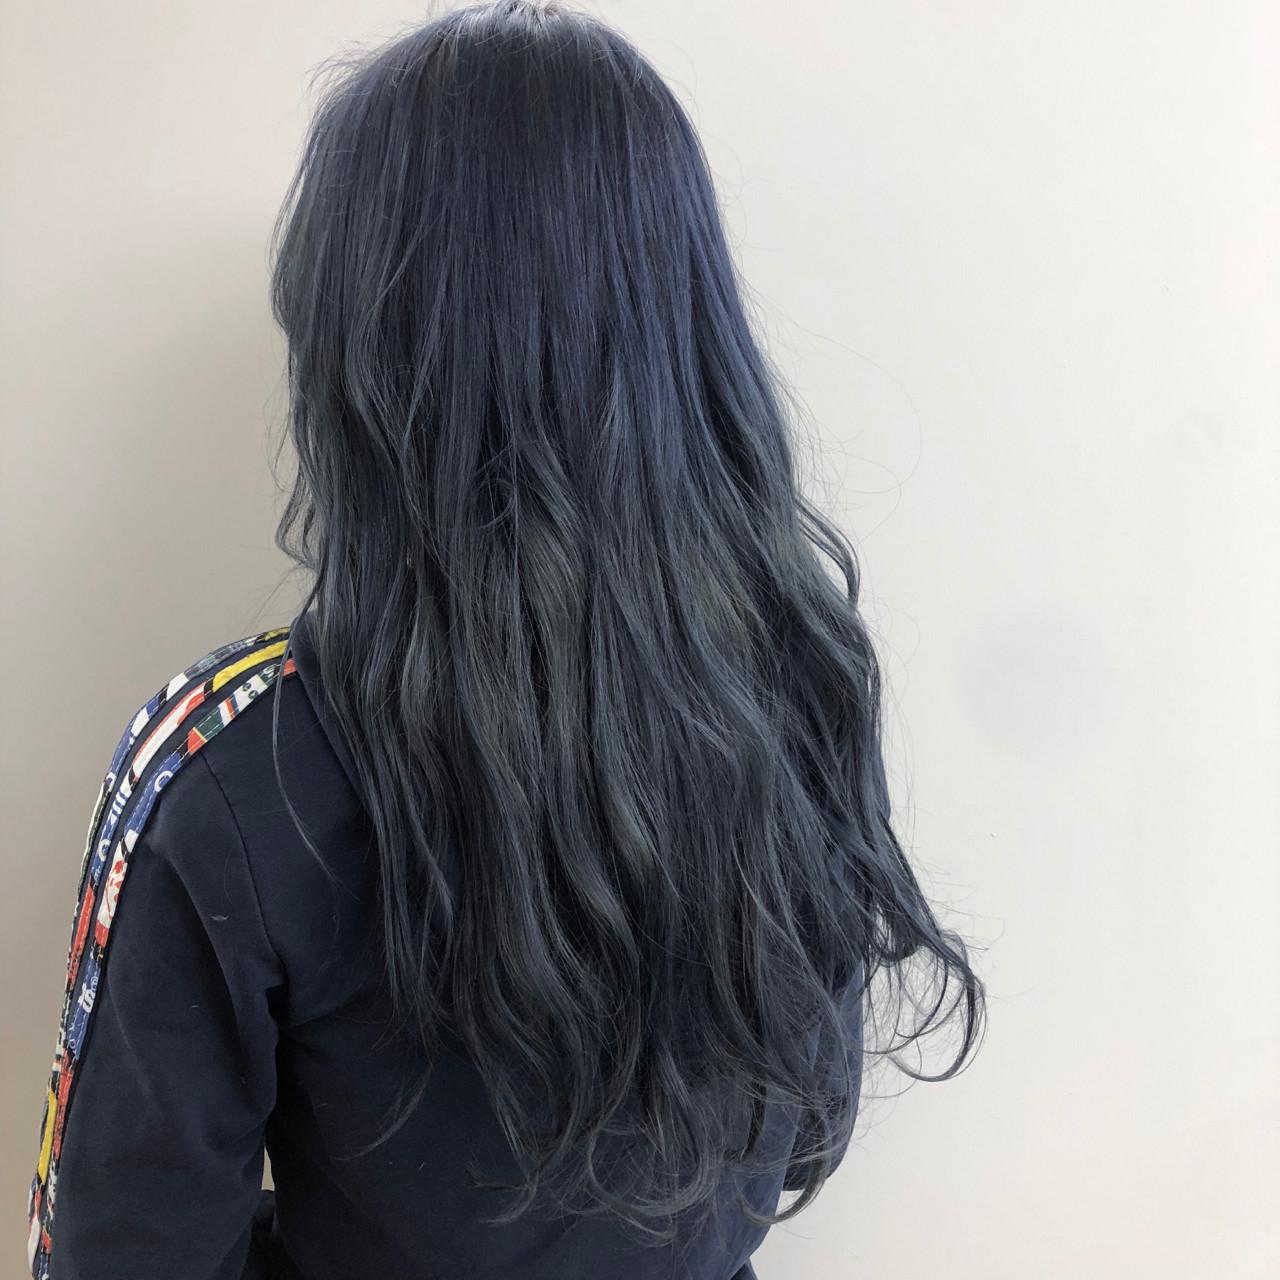 ネイビー ヘアアレンジ 外国人風カラー ヘアカラー ヘアスタイルや髪型の写真・画像 | 山口滉斗 / Aust hair Rilly